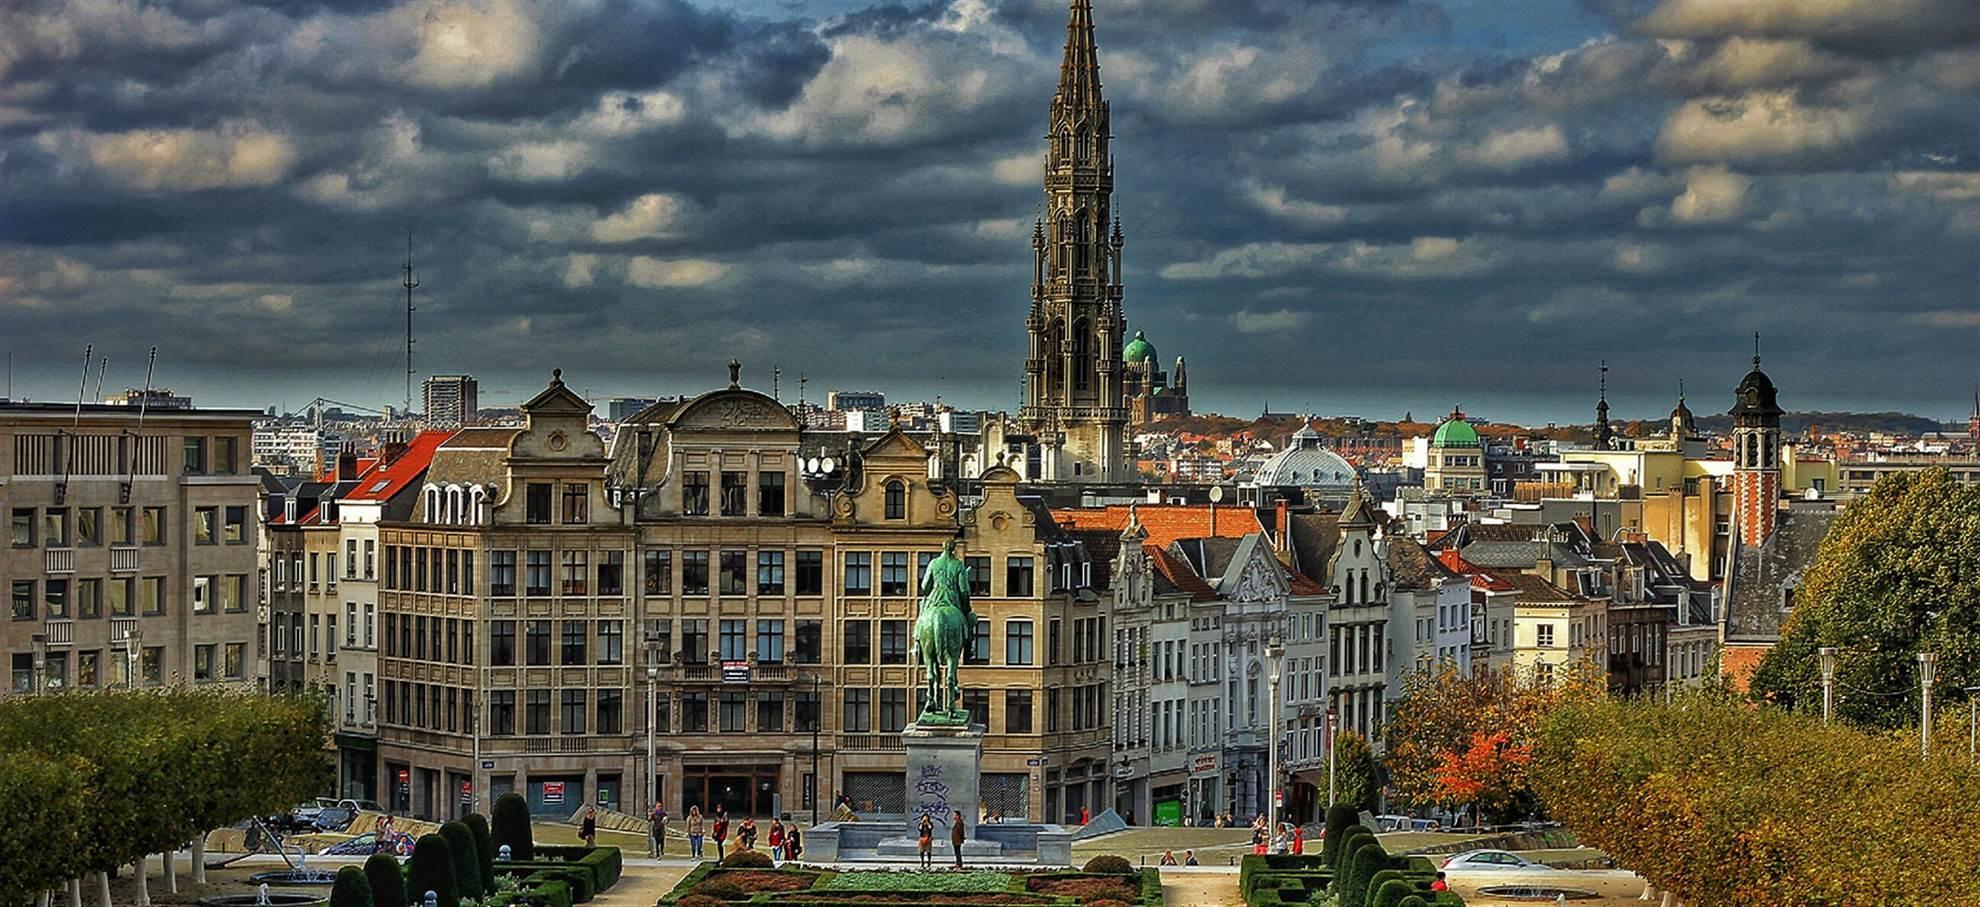 Бельгия 1 день - Брюссель